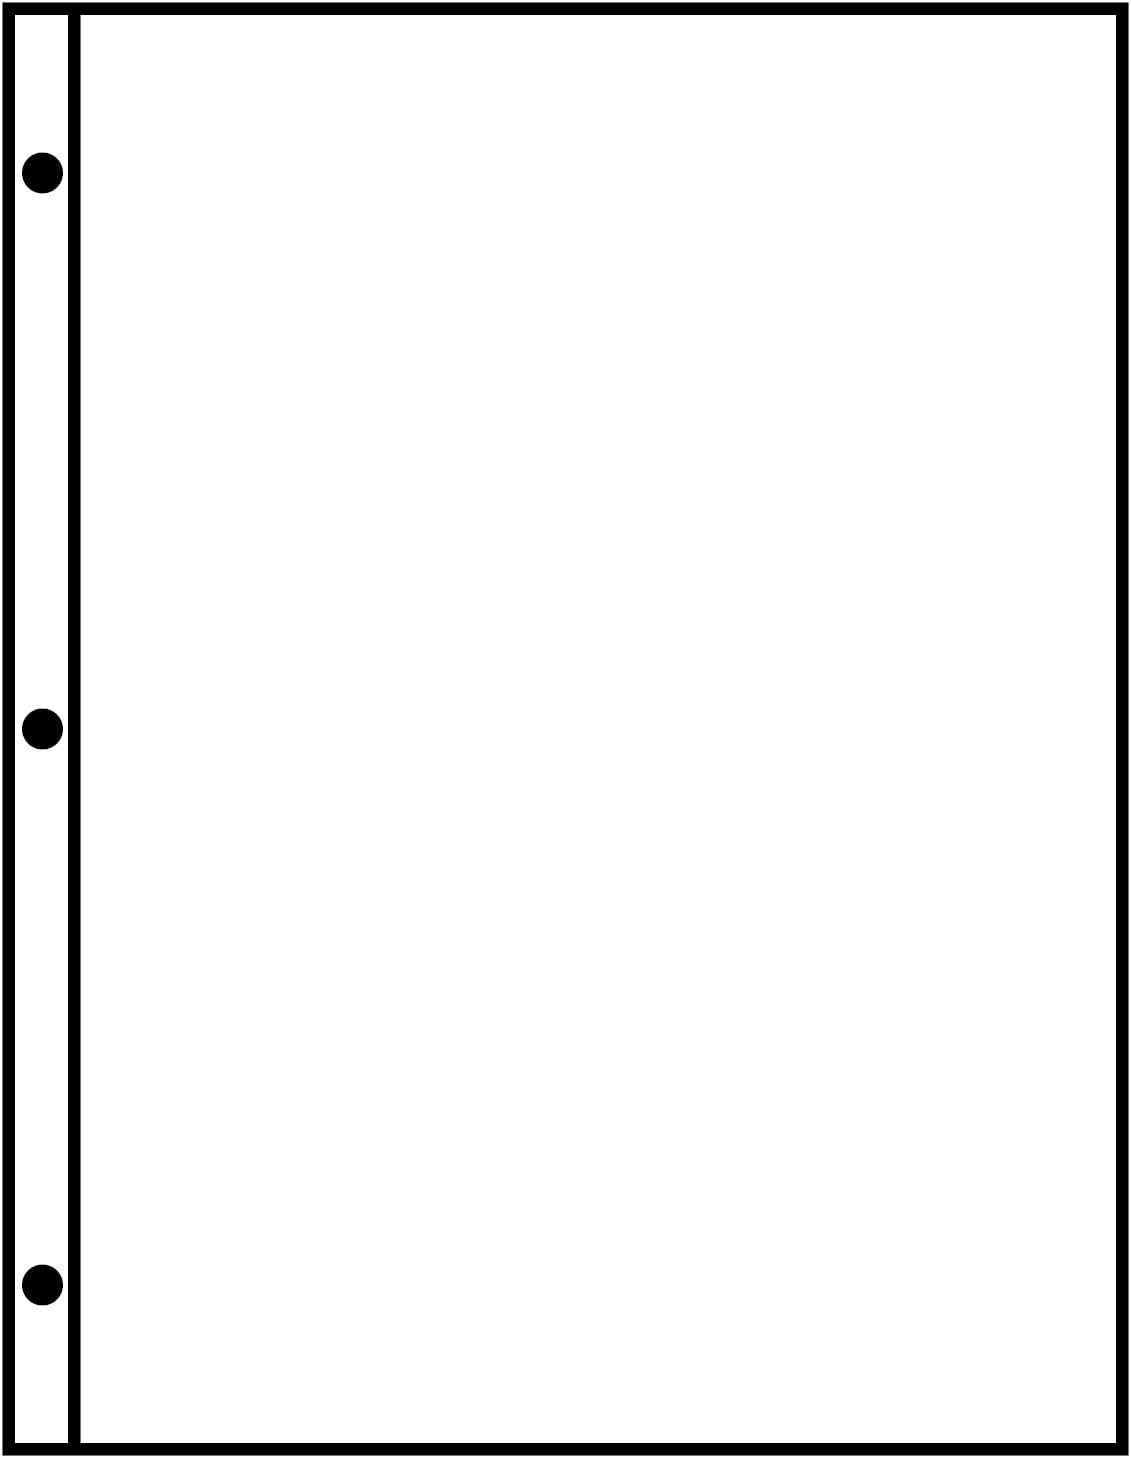 DocuCopy 7593 Reinforced Premium Multipurpose Copy Paper 24lb 8.5 x 11 3 Holes 1 Ream//500 Sheets